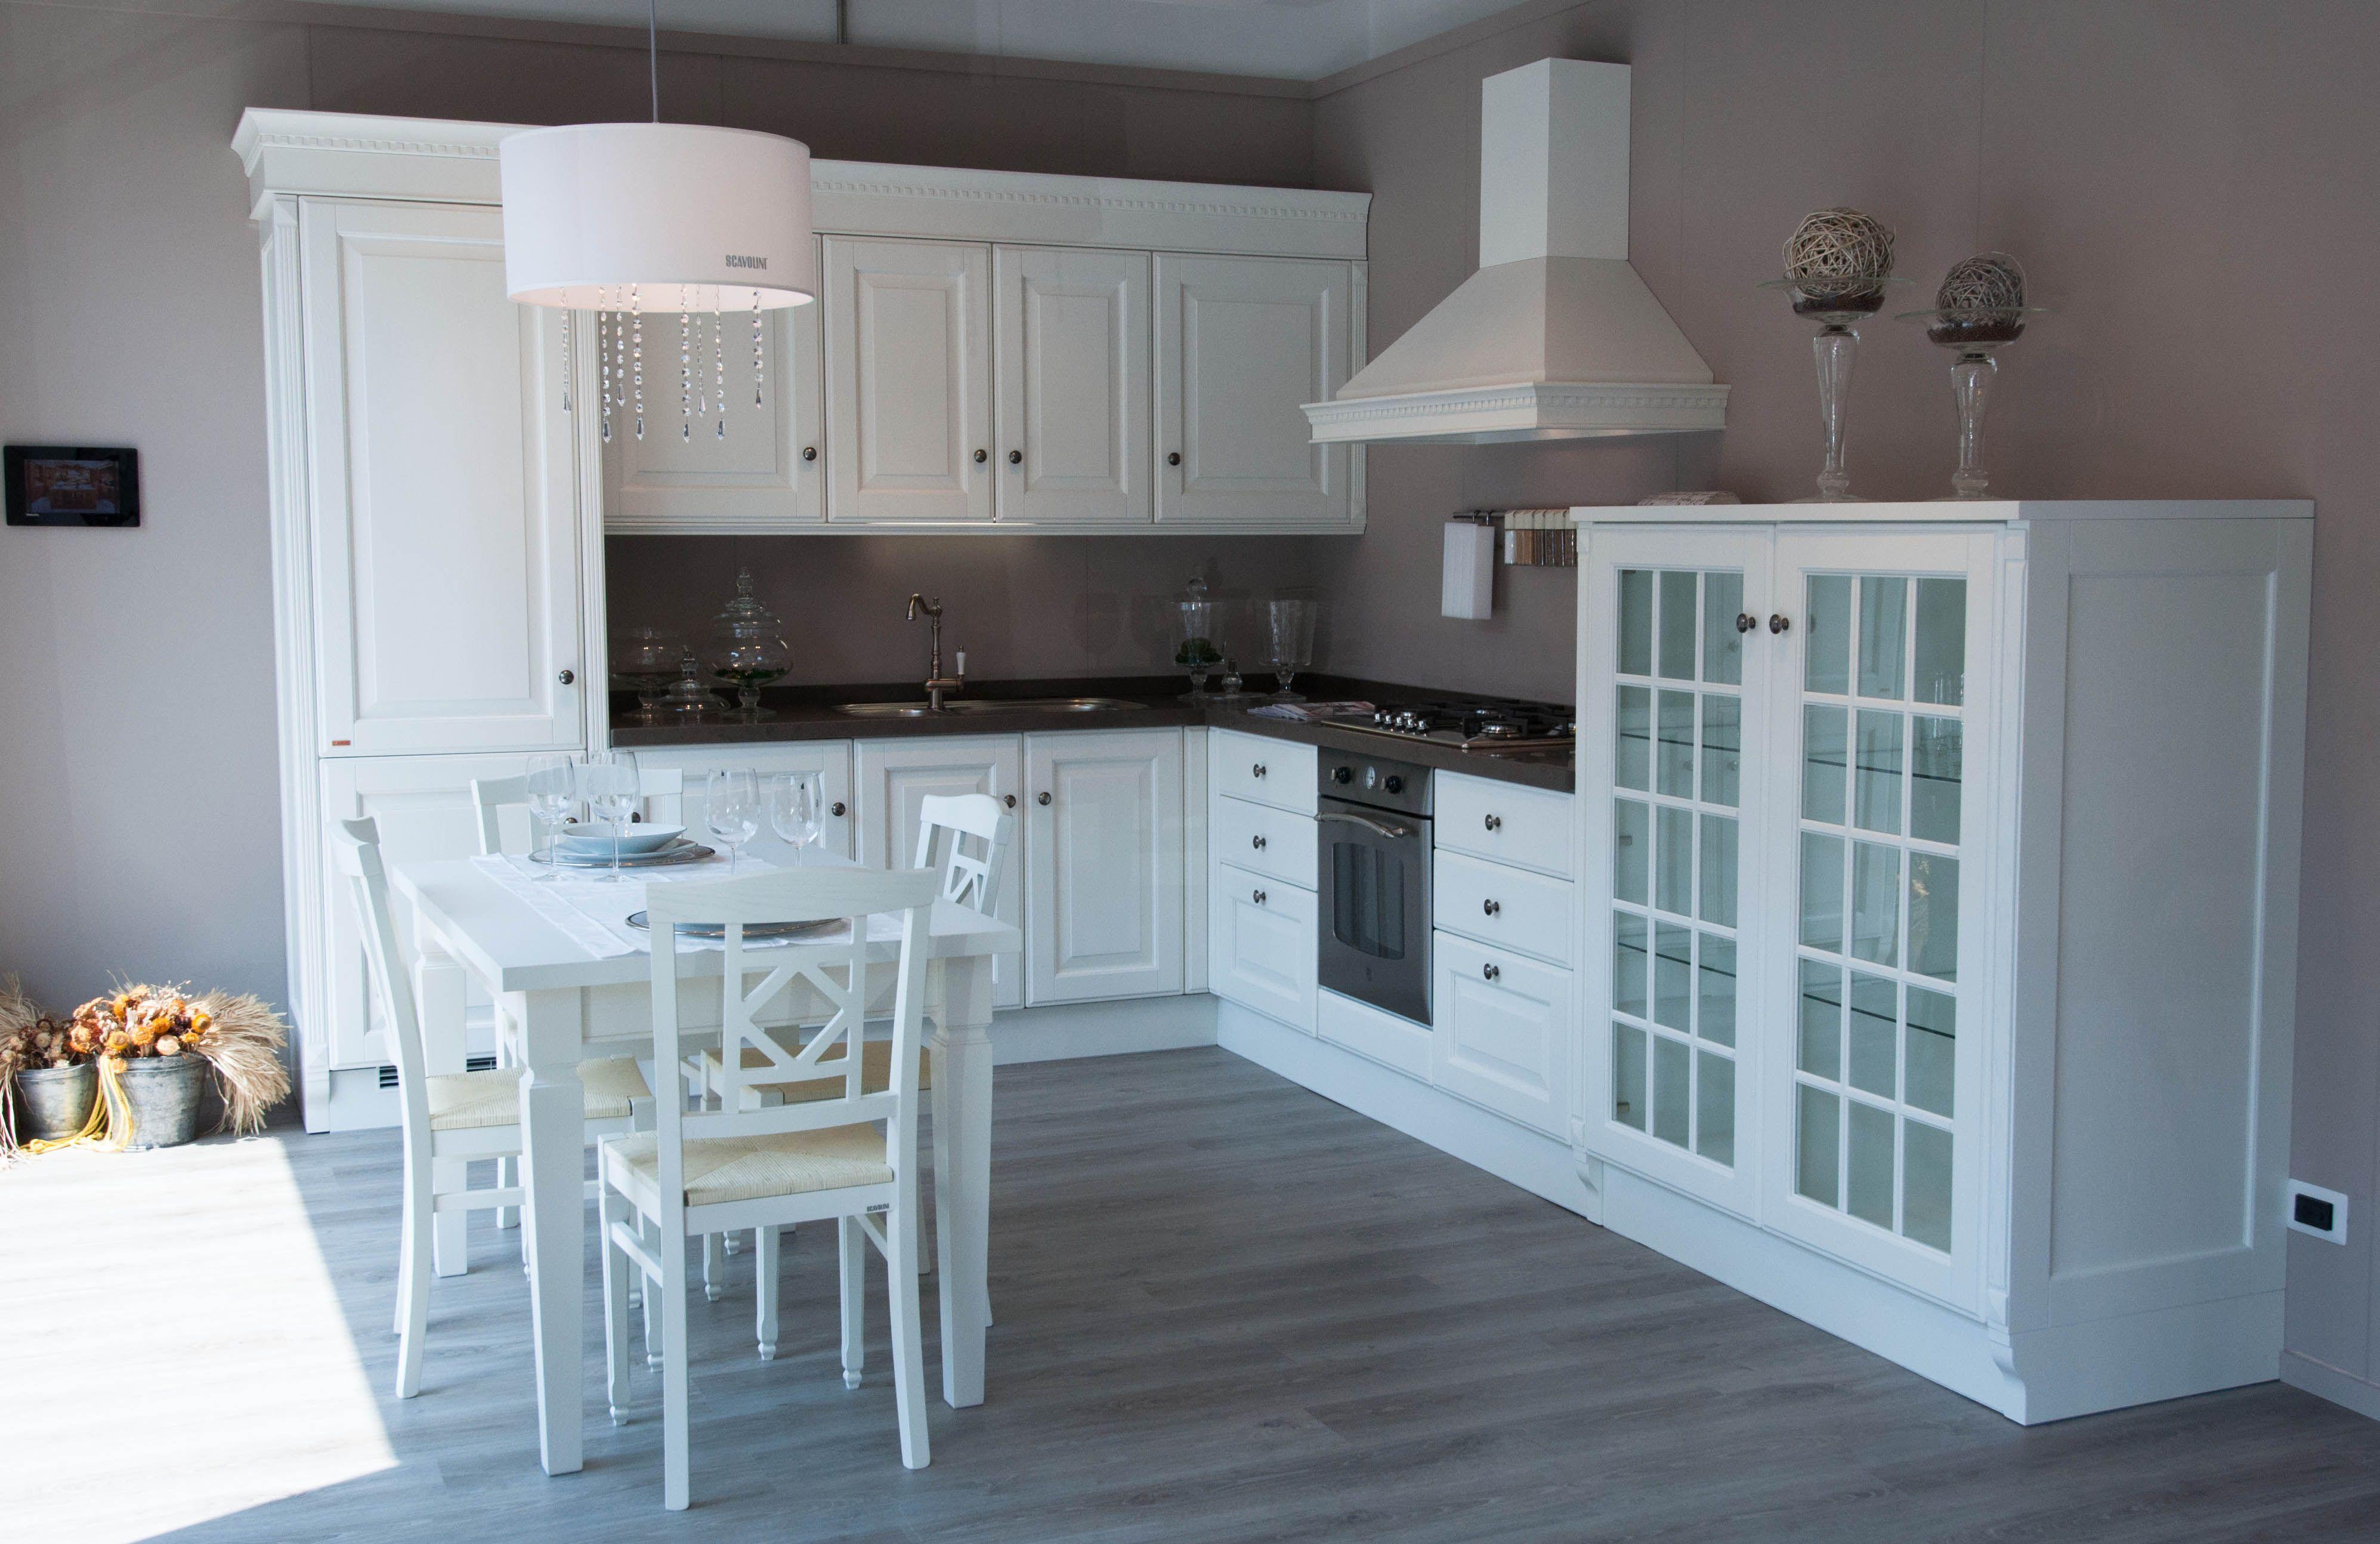 Cucine bianche classiche scavolini idee casa pinterest shabby - Cucine classiche bianche ...